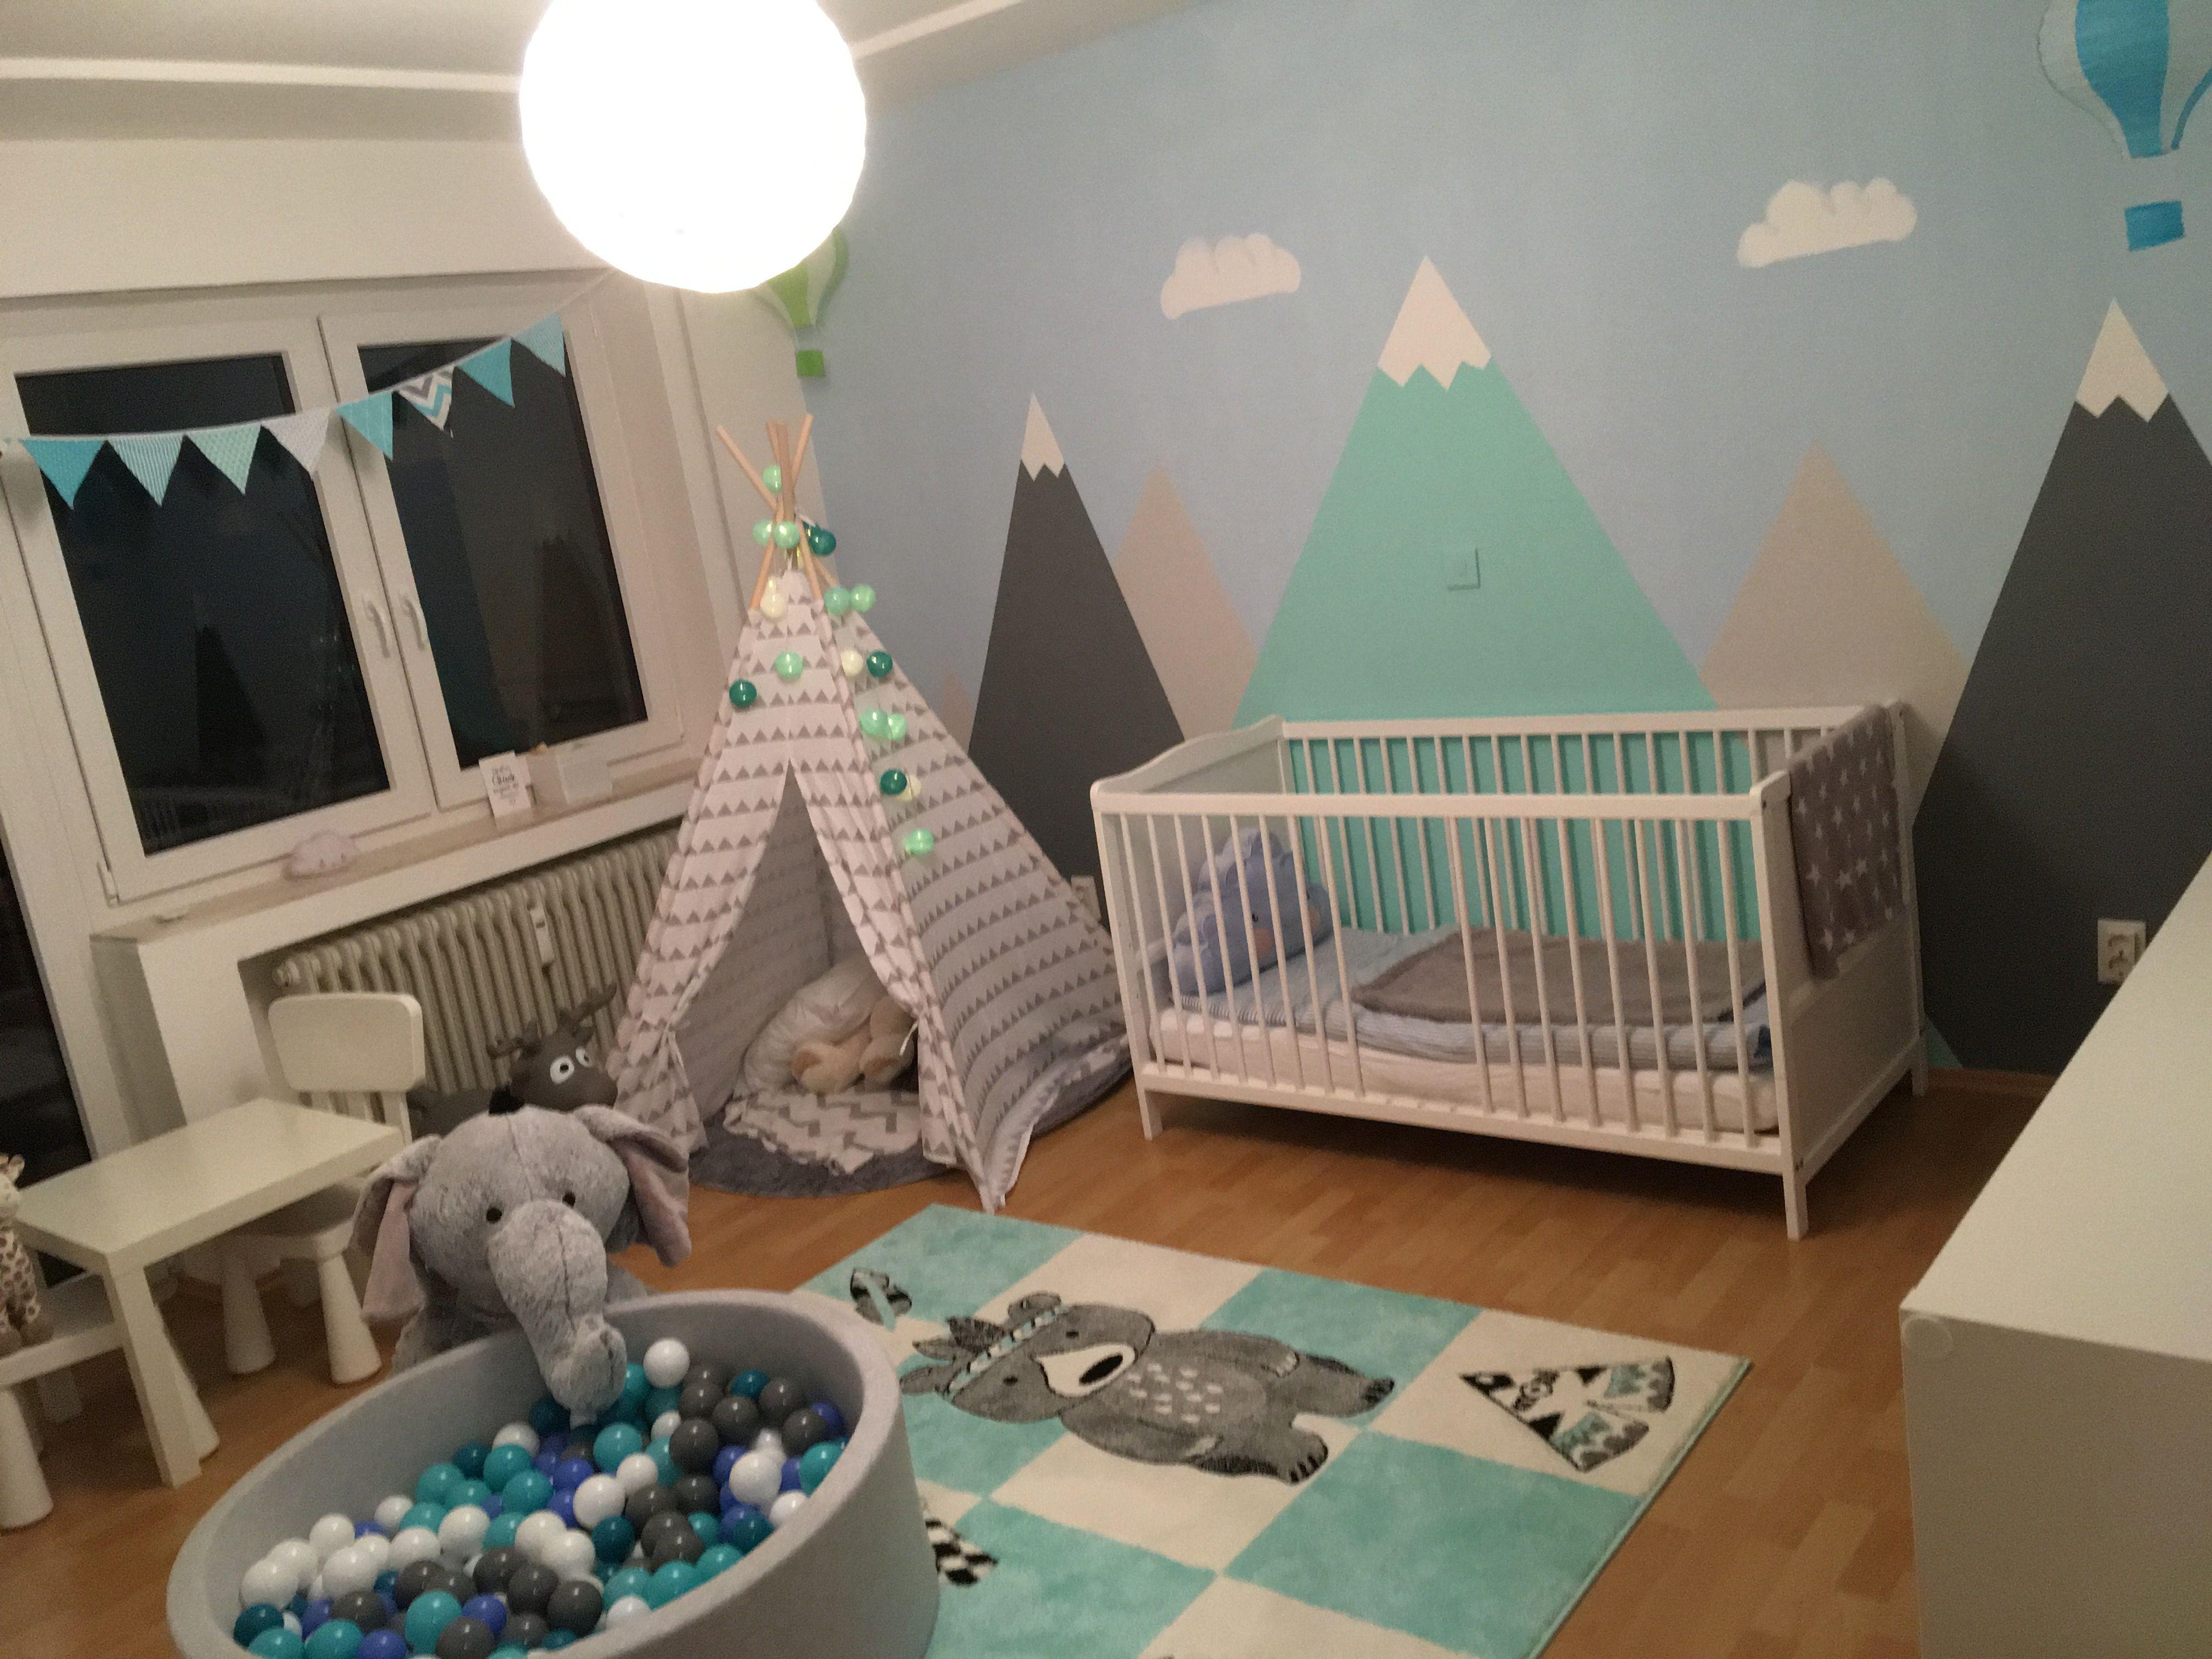 Kinderzimmer Junge Berge Mountains Heißluftballon Tipi Indianer Bällebad Kinder Zimmer Kinderzimmer Junge Kinderzimmer